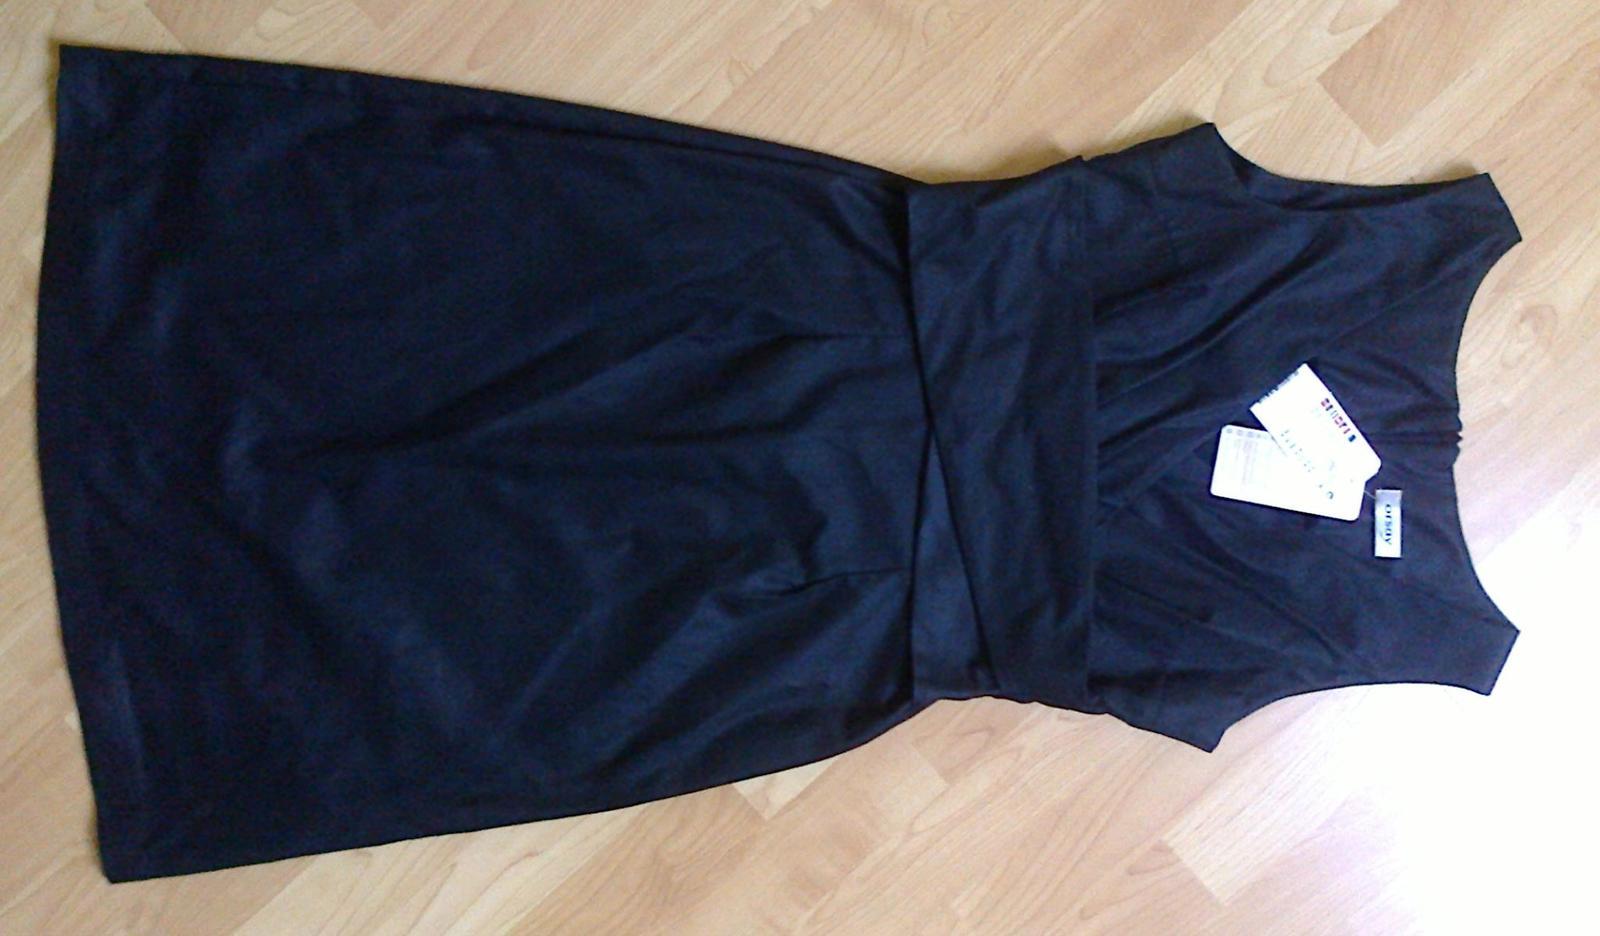 Šaty Orsay černé - Obrázek č. 3